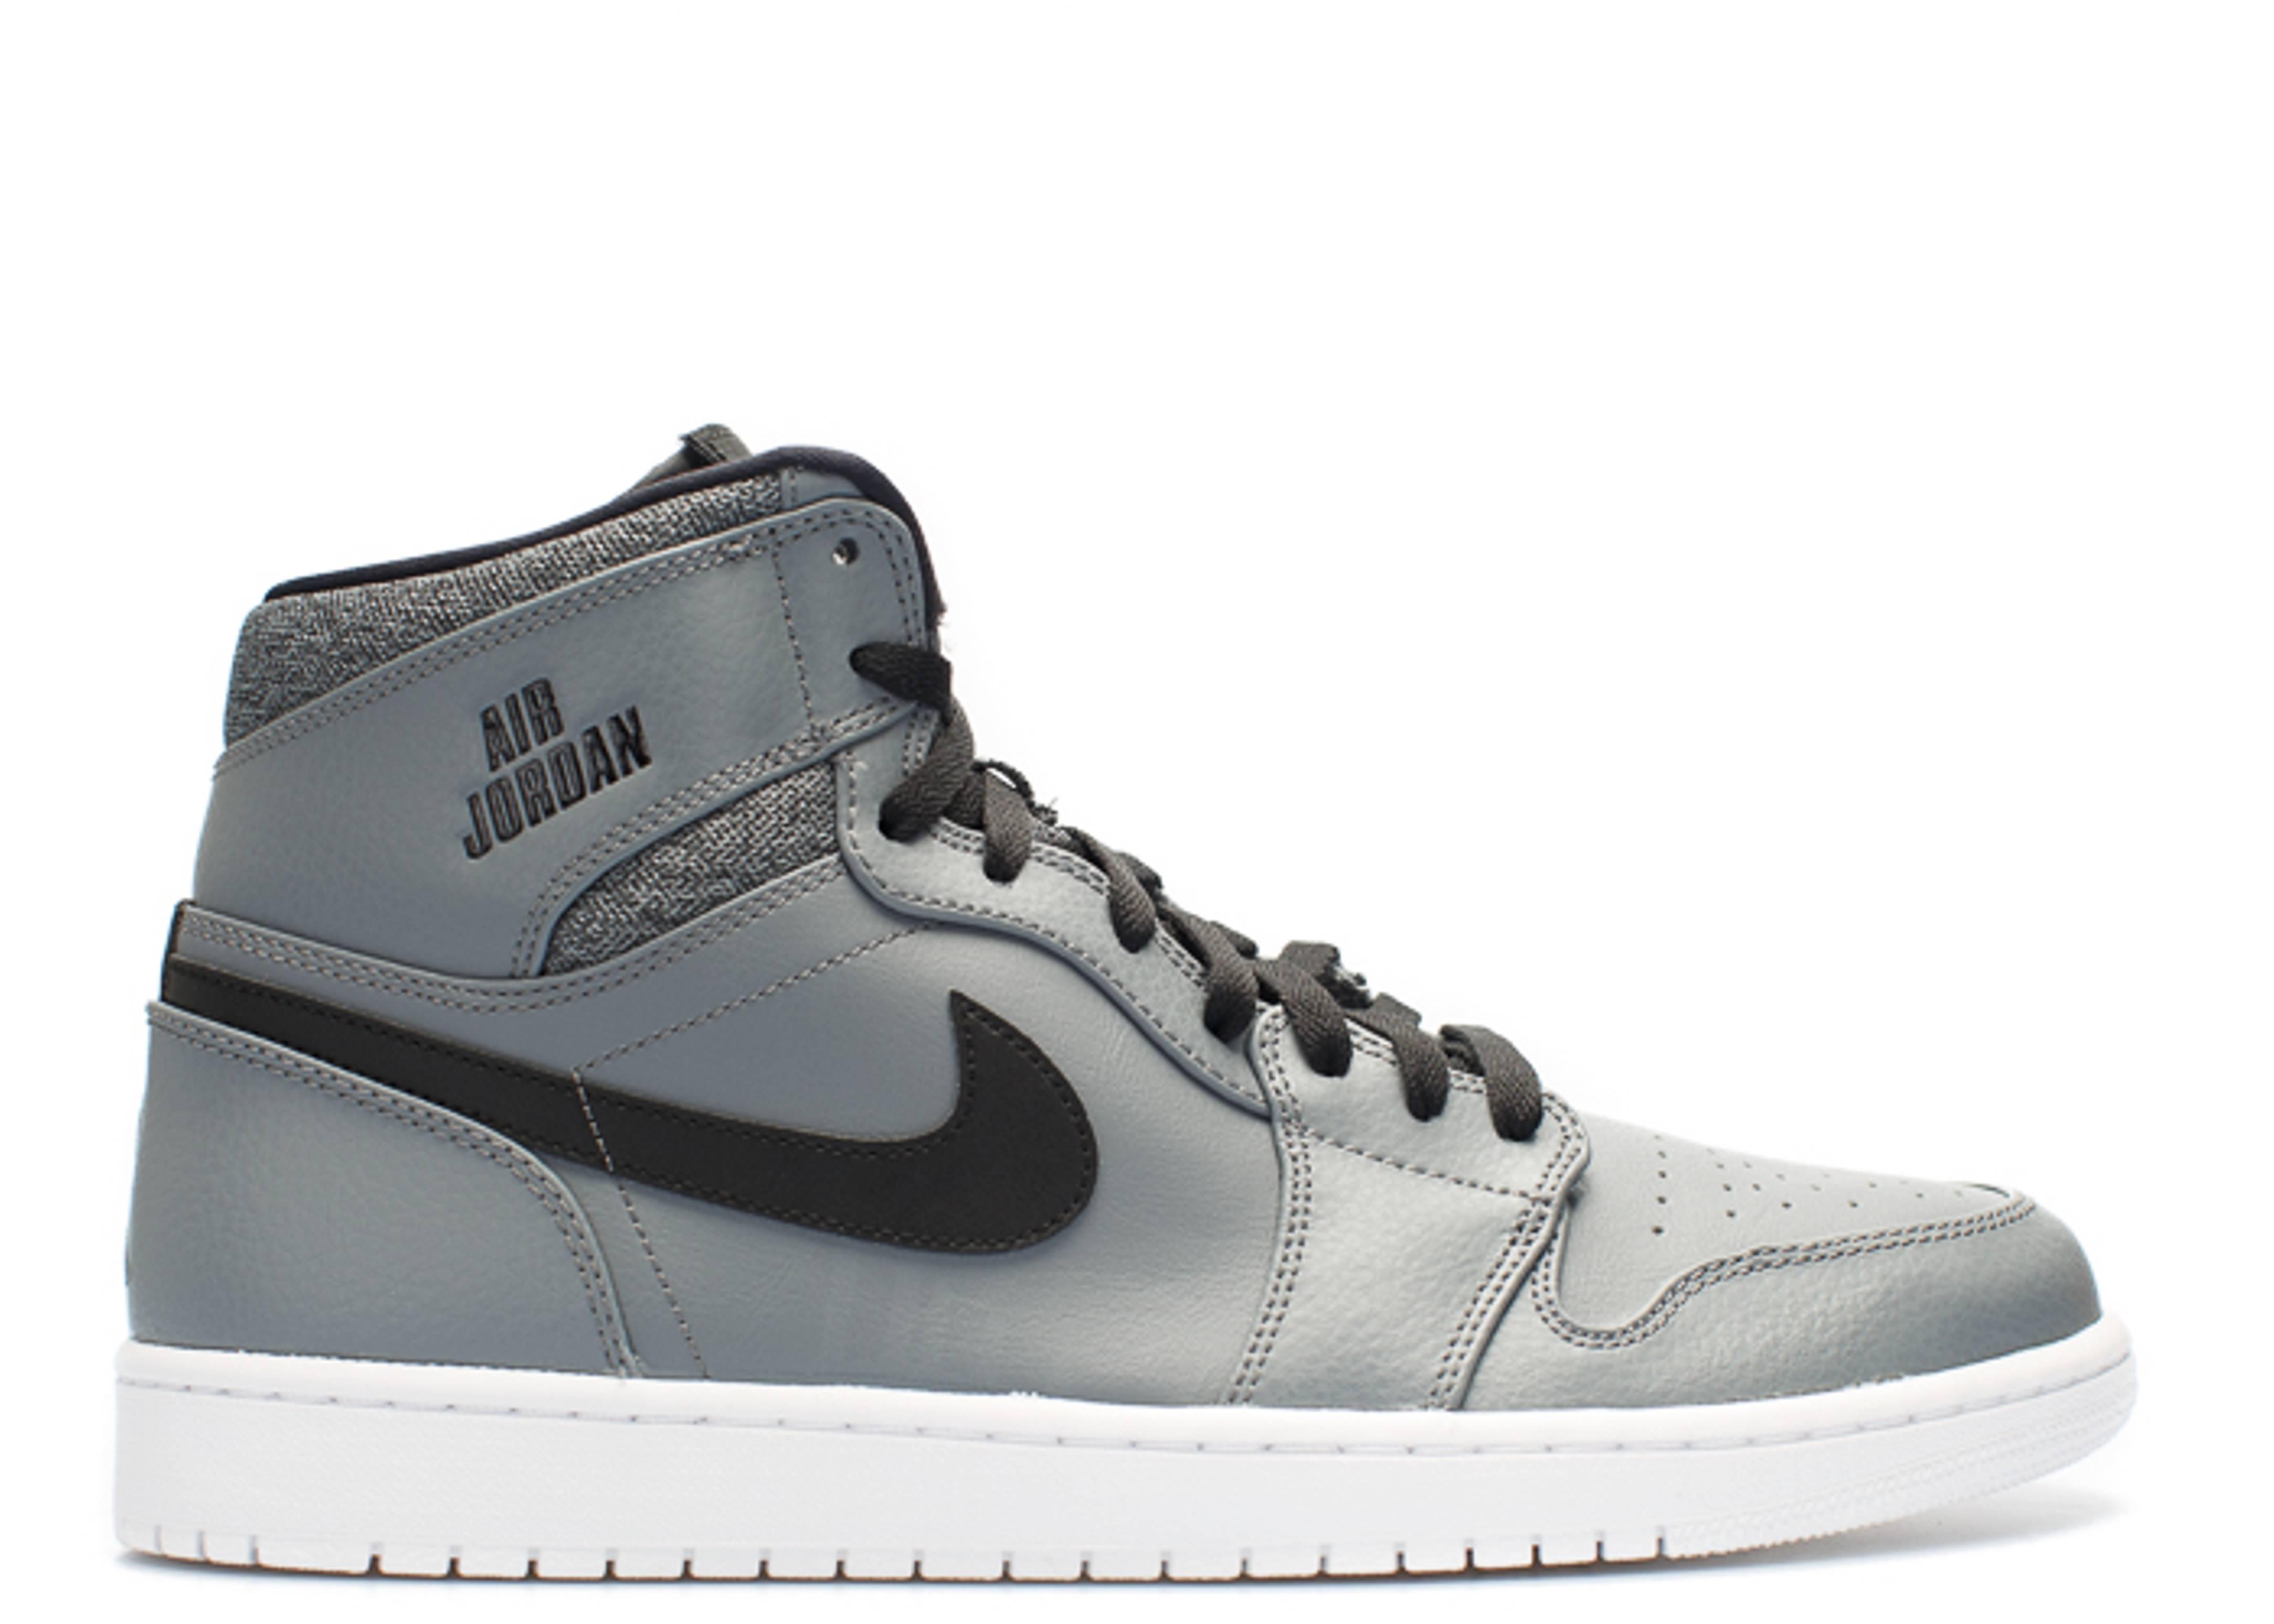 c7198b869d4 Air Jordan 1 Retro High